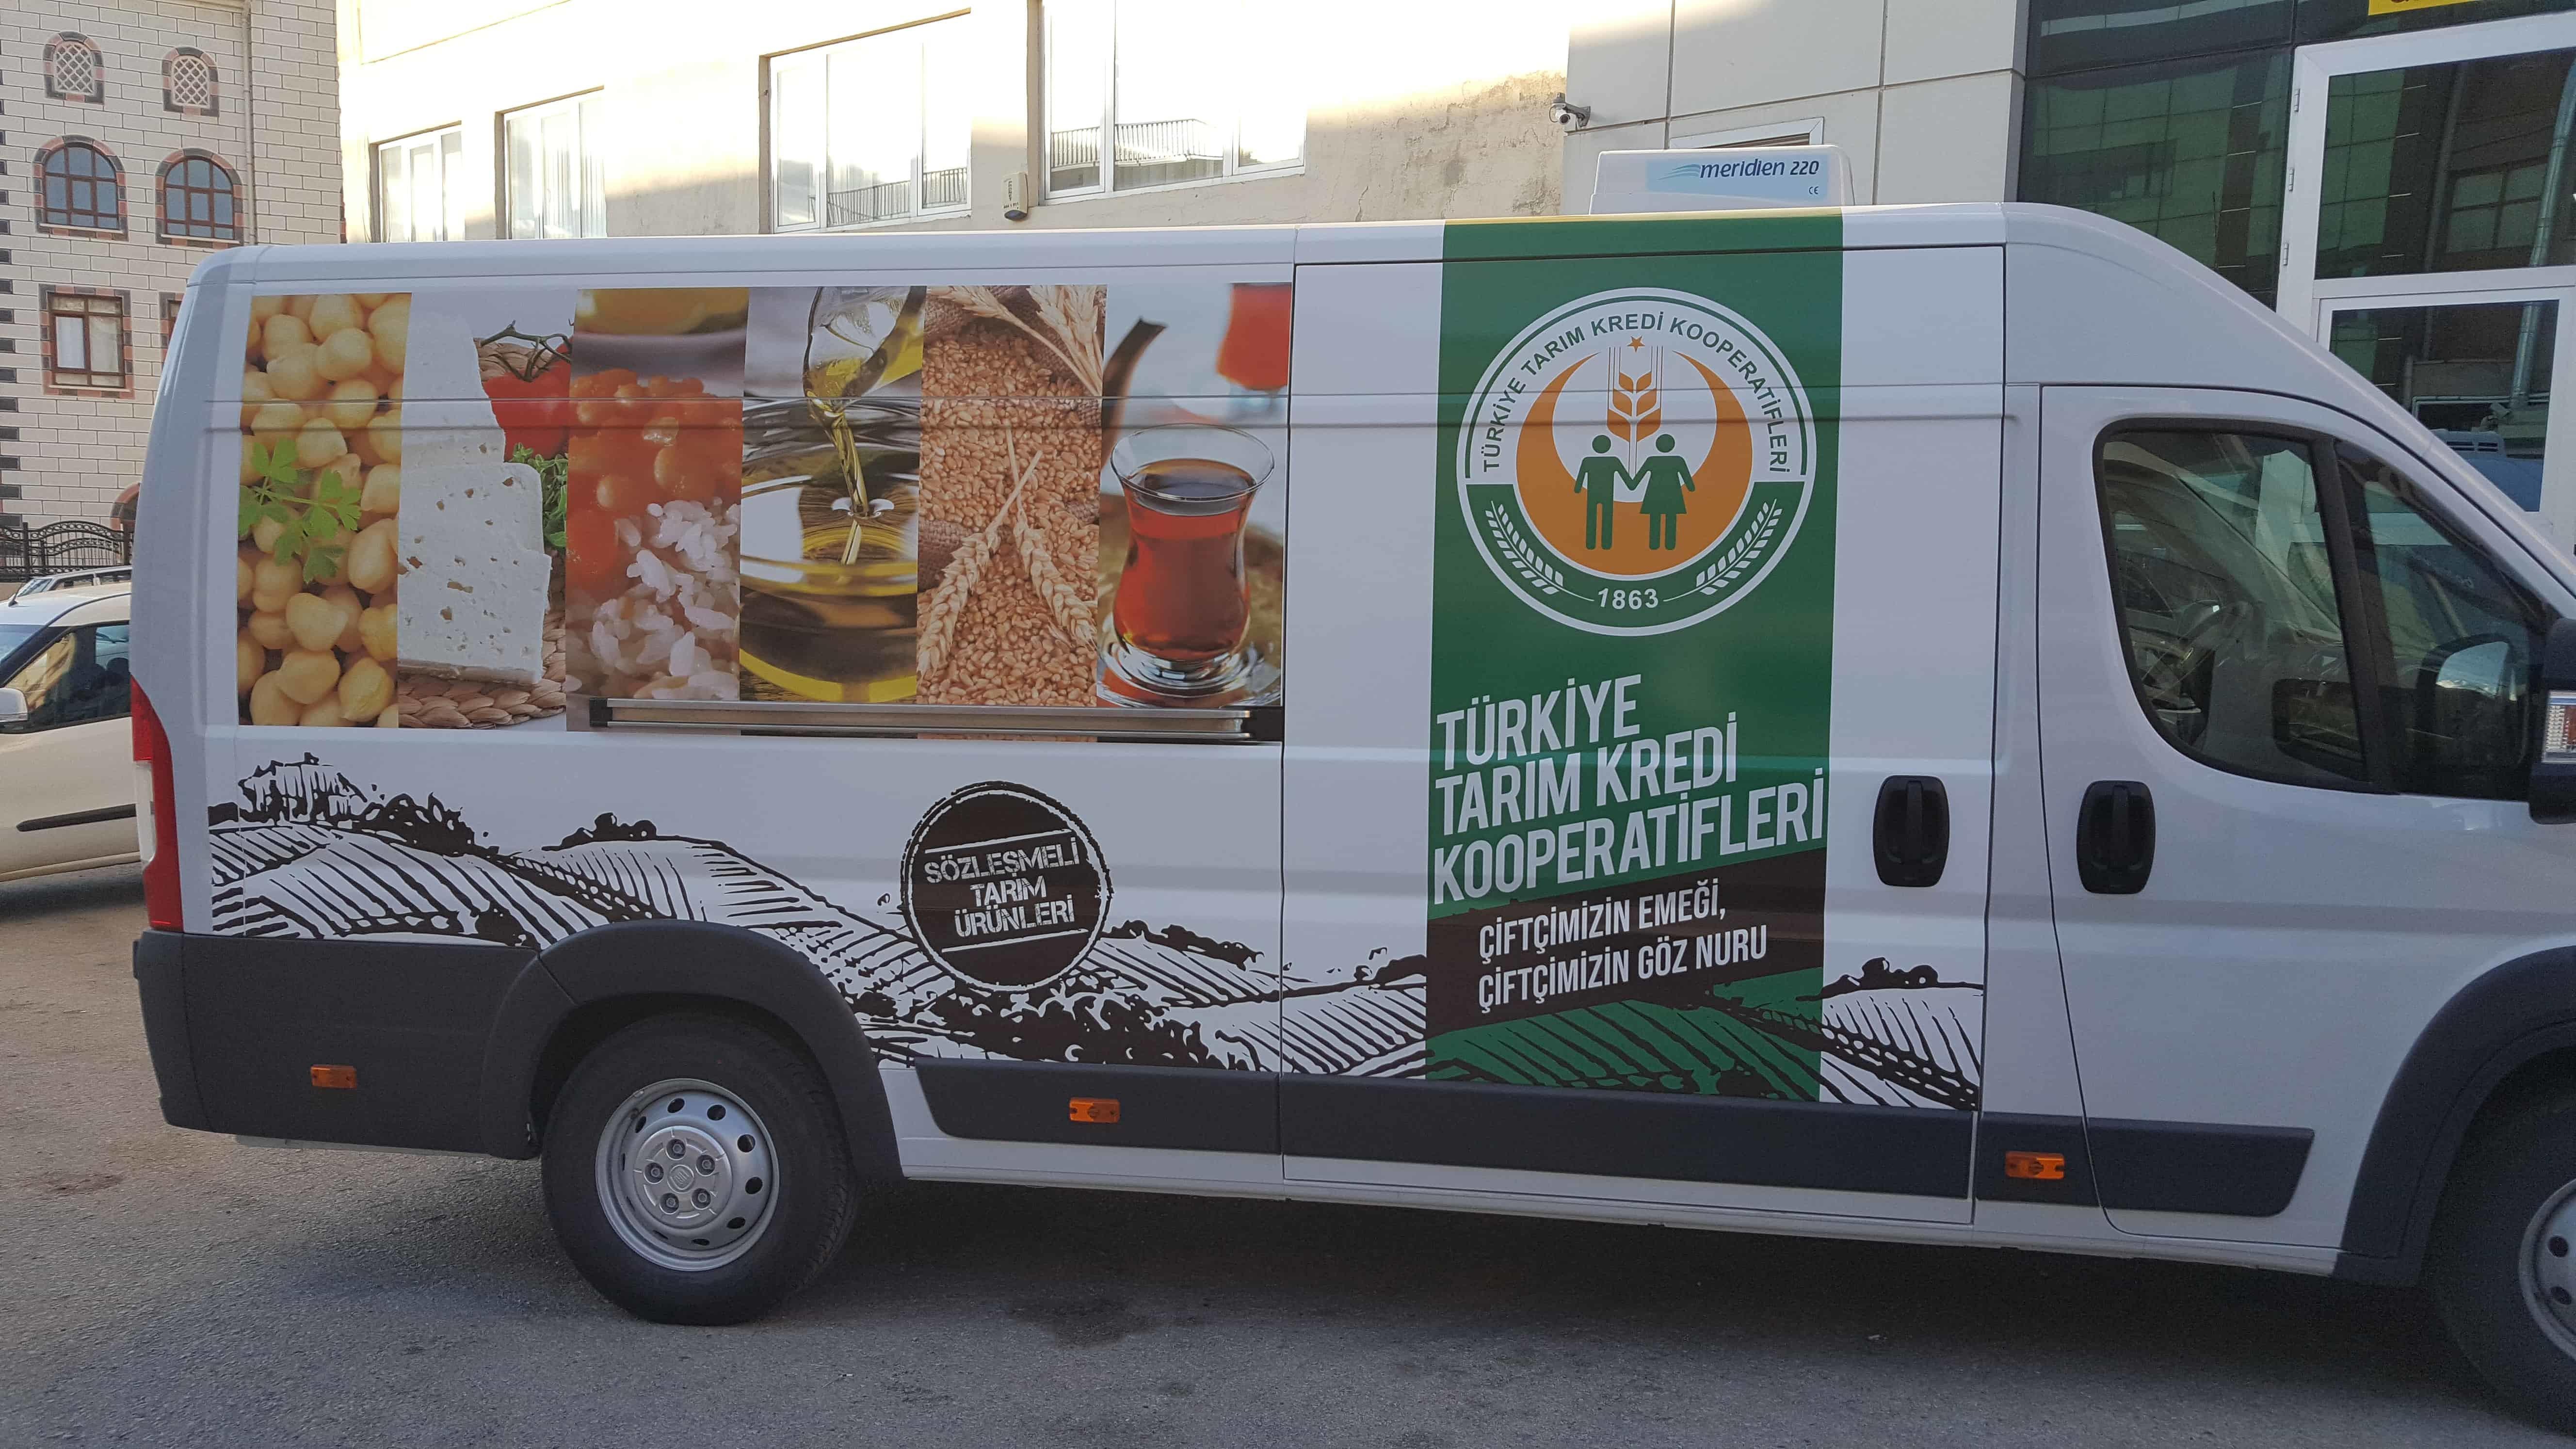 turkiye tarim kredi kooperatifleri arac kaplama3 - Araç Kaplama